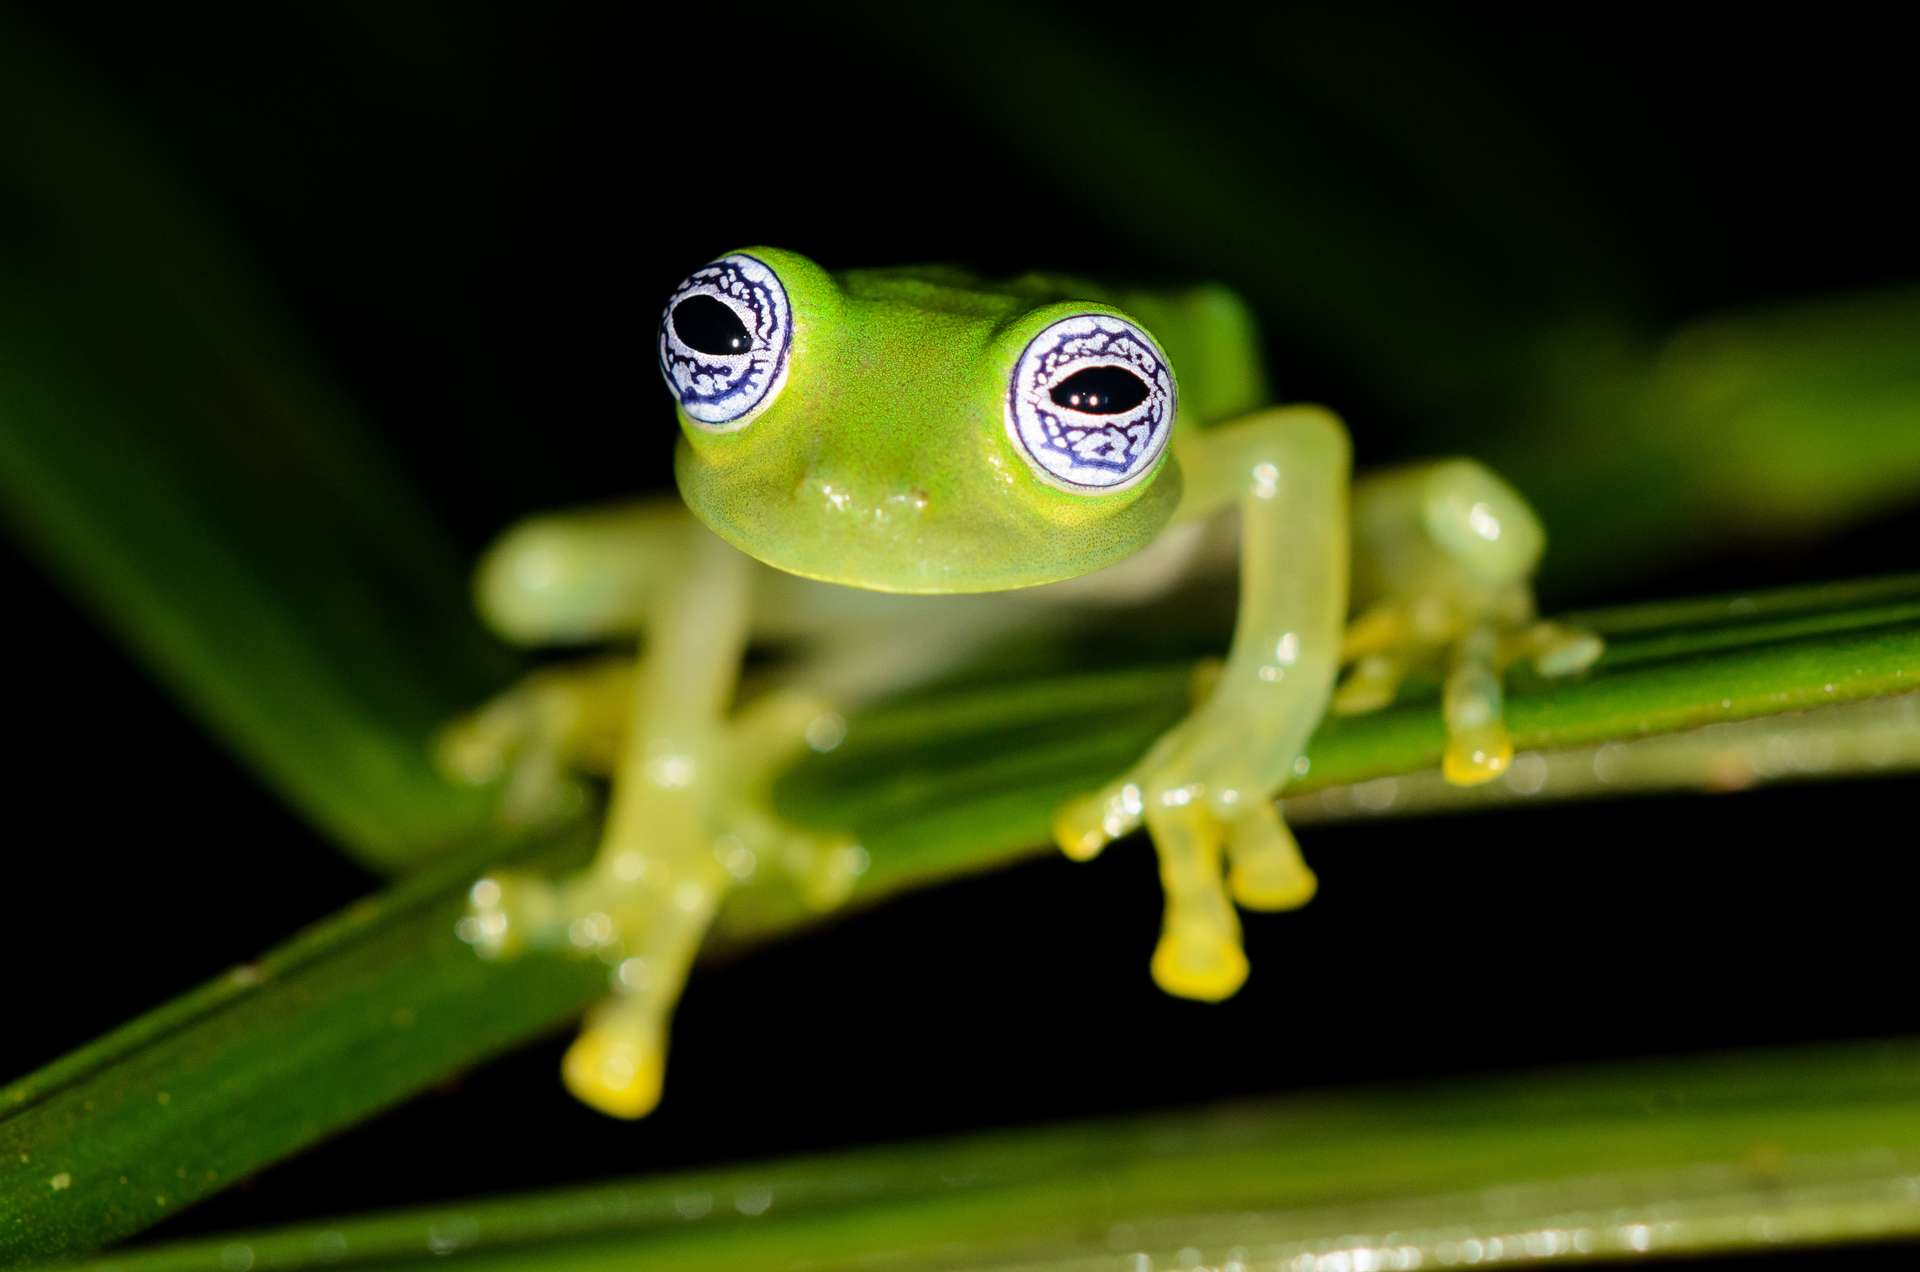 Les grenouilles de verre doivent leur nom à la peau sur leur abdomen. Translucide, celle-ci laisse paraître les organes. © Salparadis, Adobe Stock